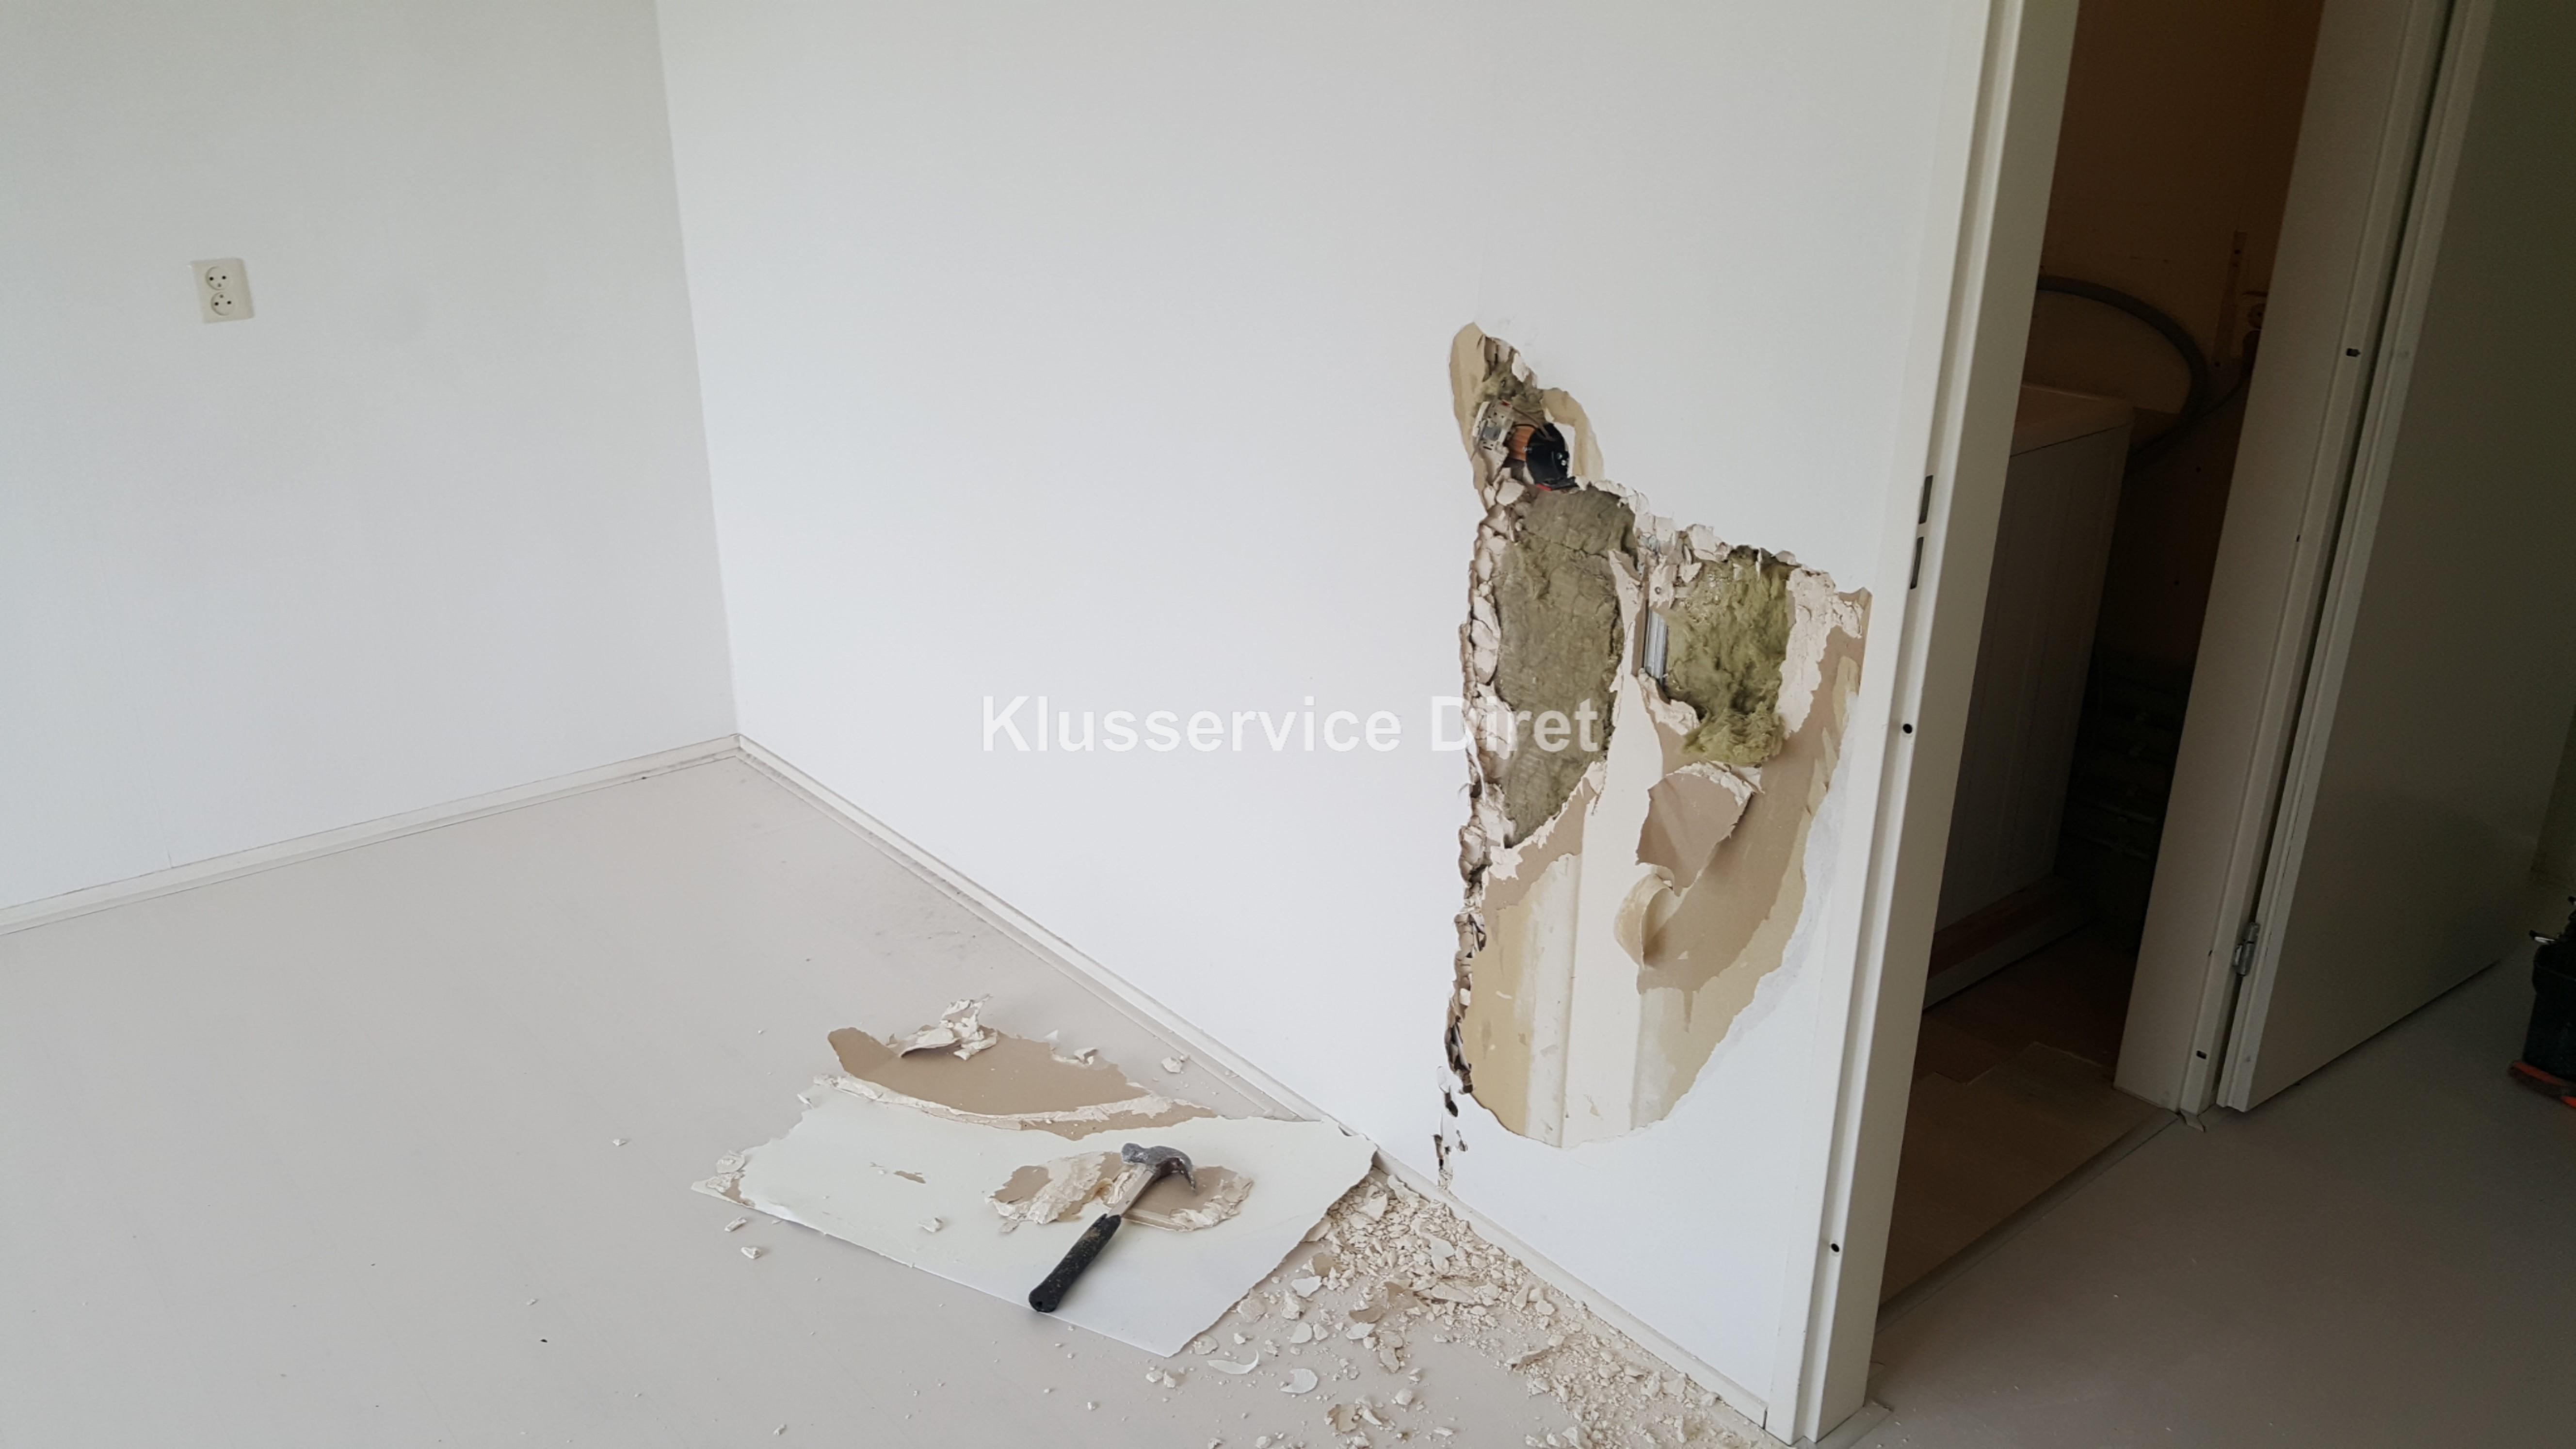 Badkamer en wc maken op zolder - KlusserviceDirect